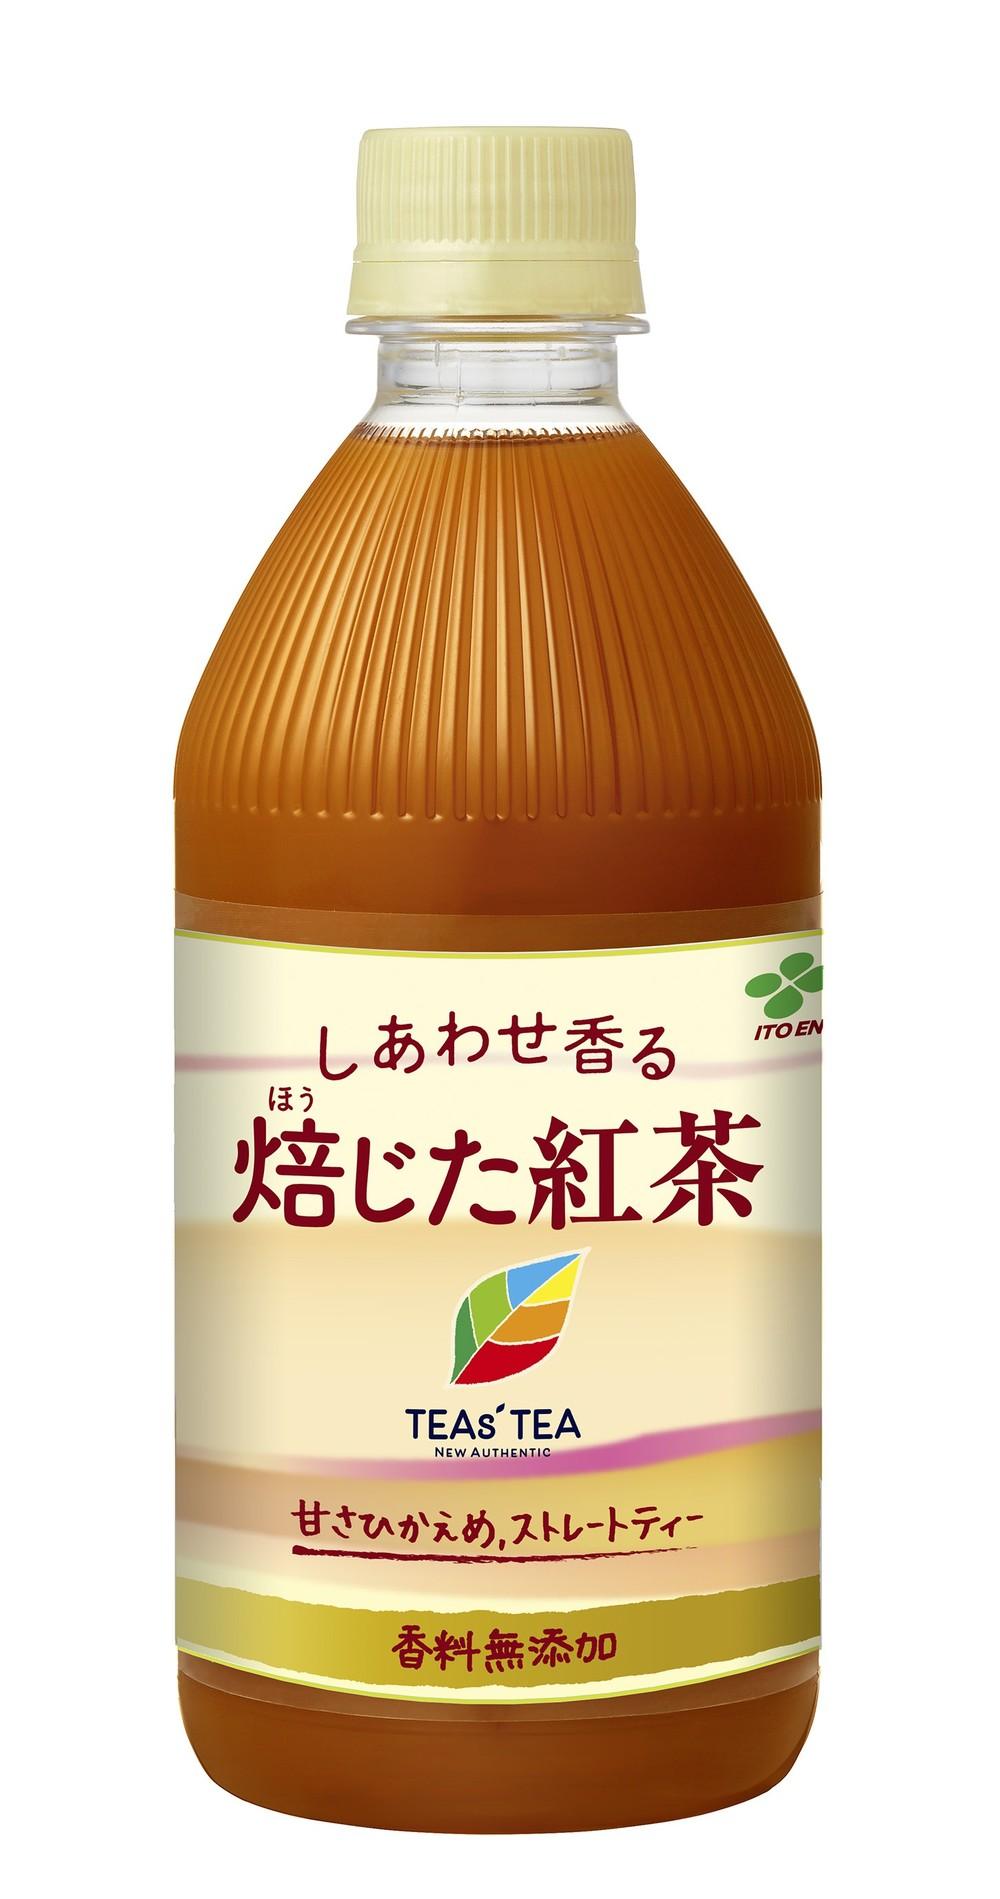 甘さ控えめで濃厚な香り 「しあわせ香る 焙じた紅茶」